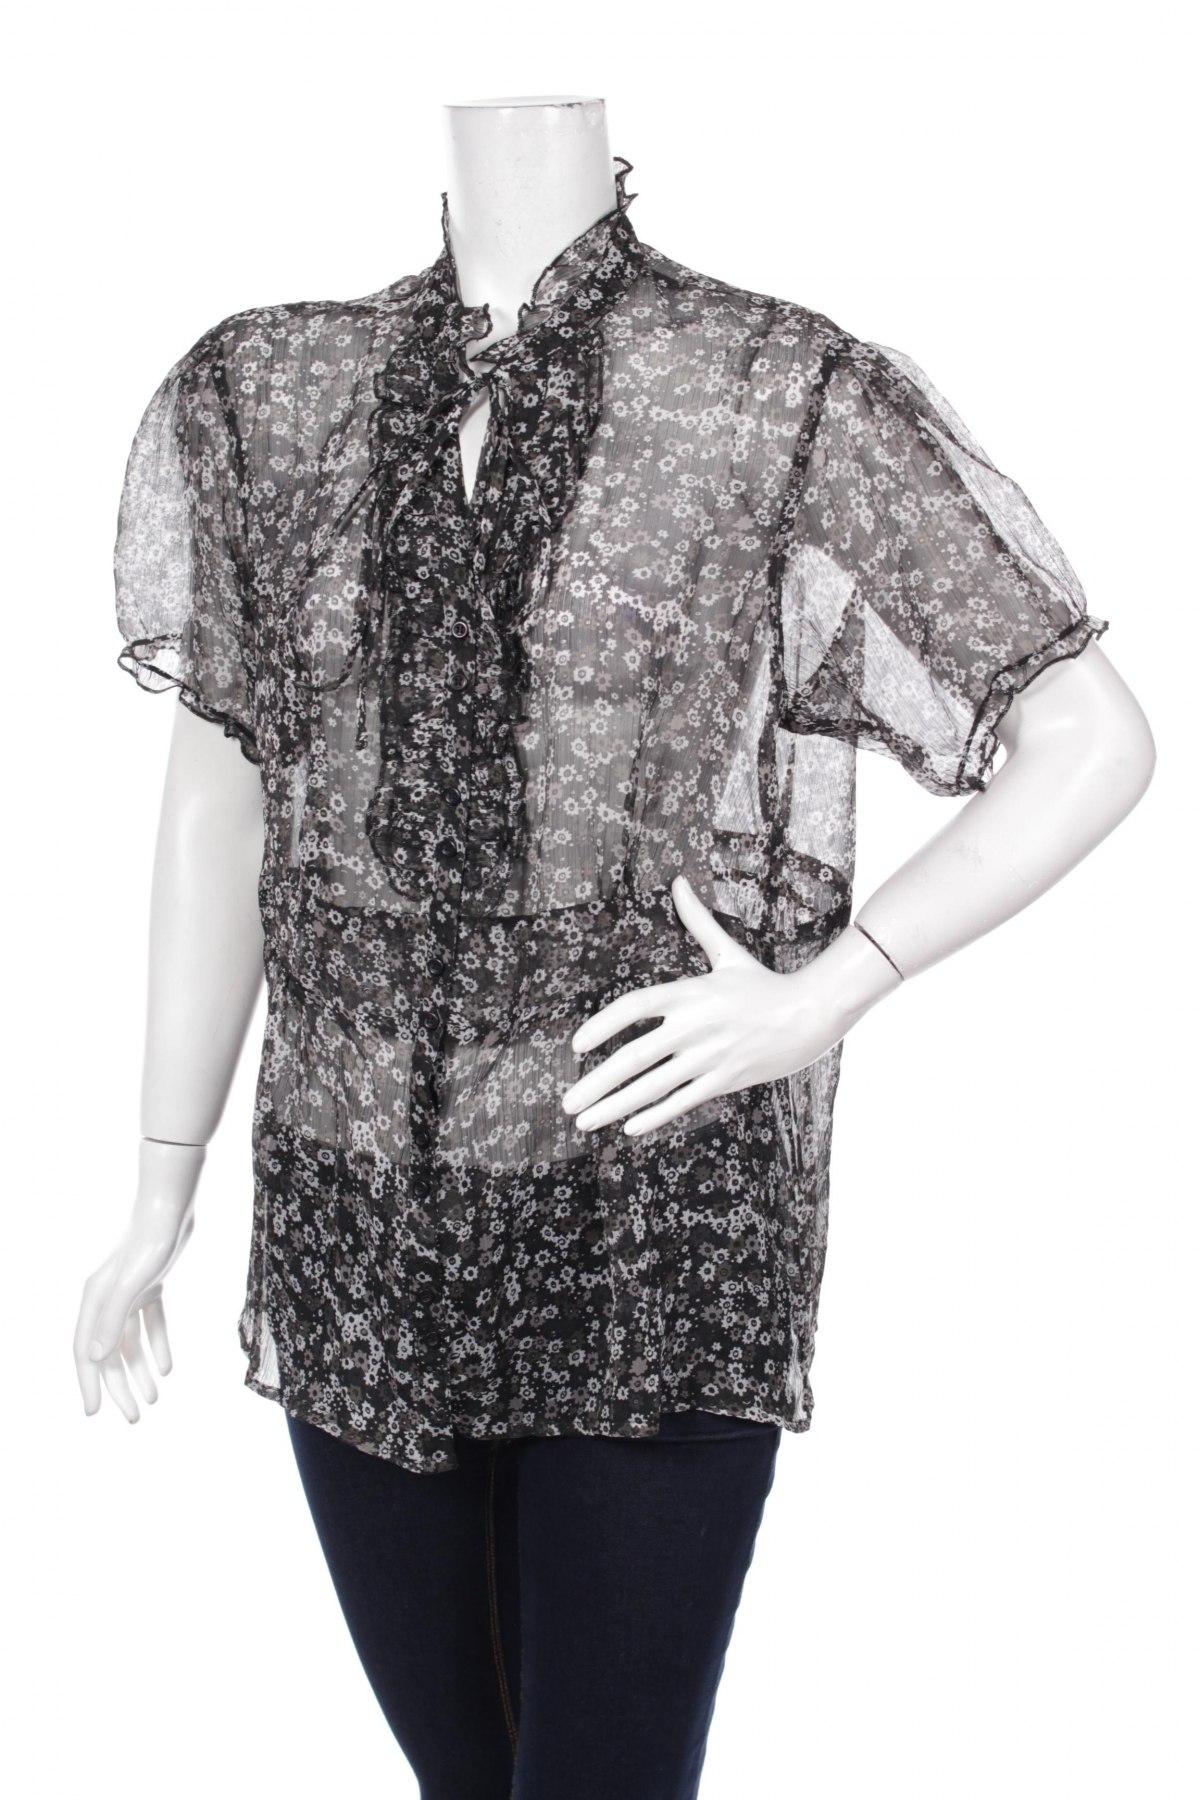 Γυναικείο πουκάμισο W.O.B, Μέγεθος XL, Χρώμα Μαύρο, Πολυεστέρας, Τιμή 14,74€